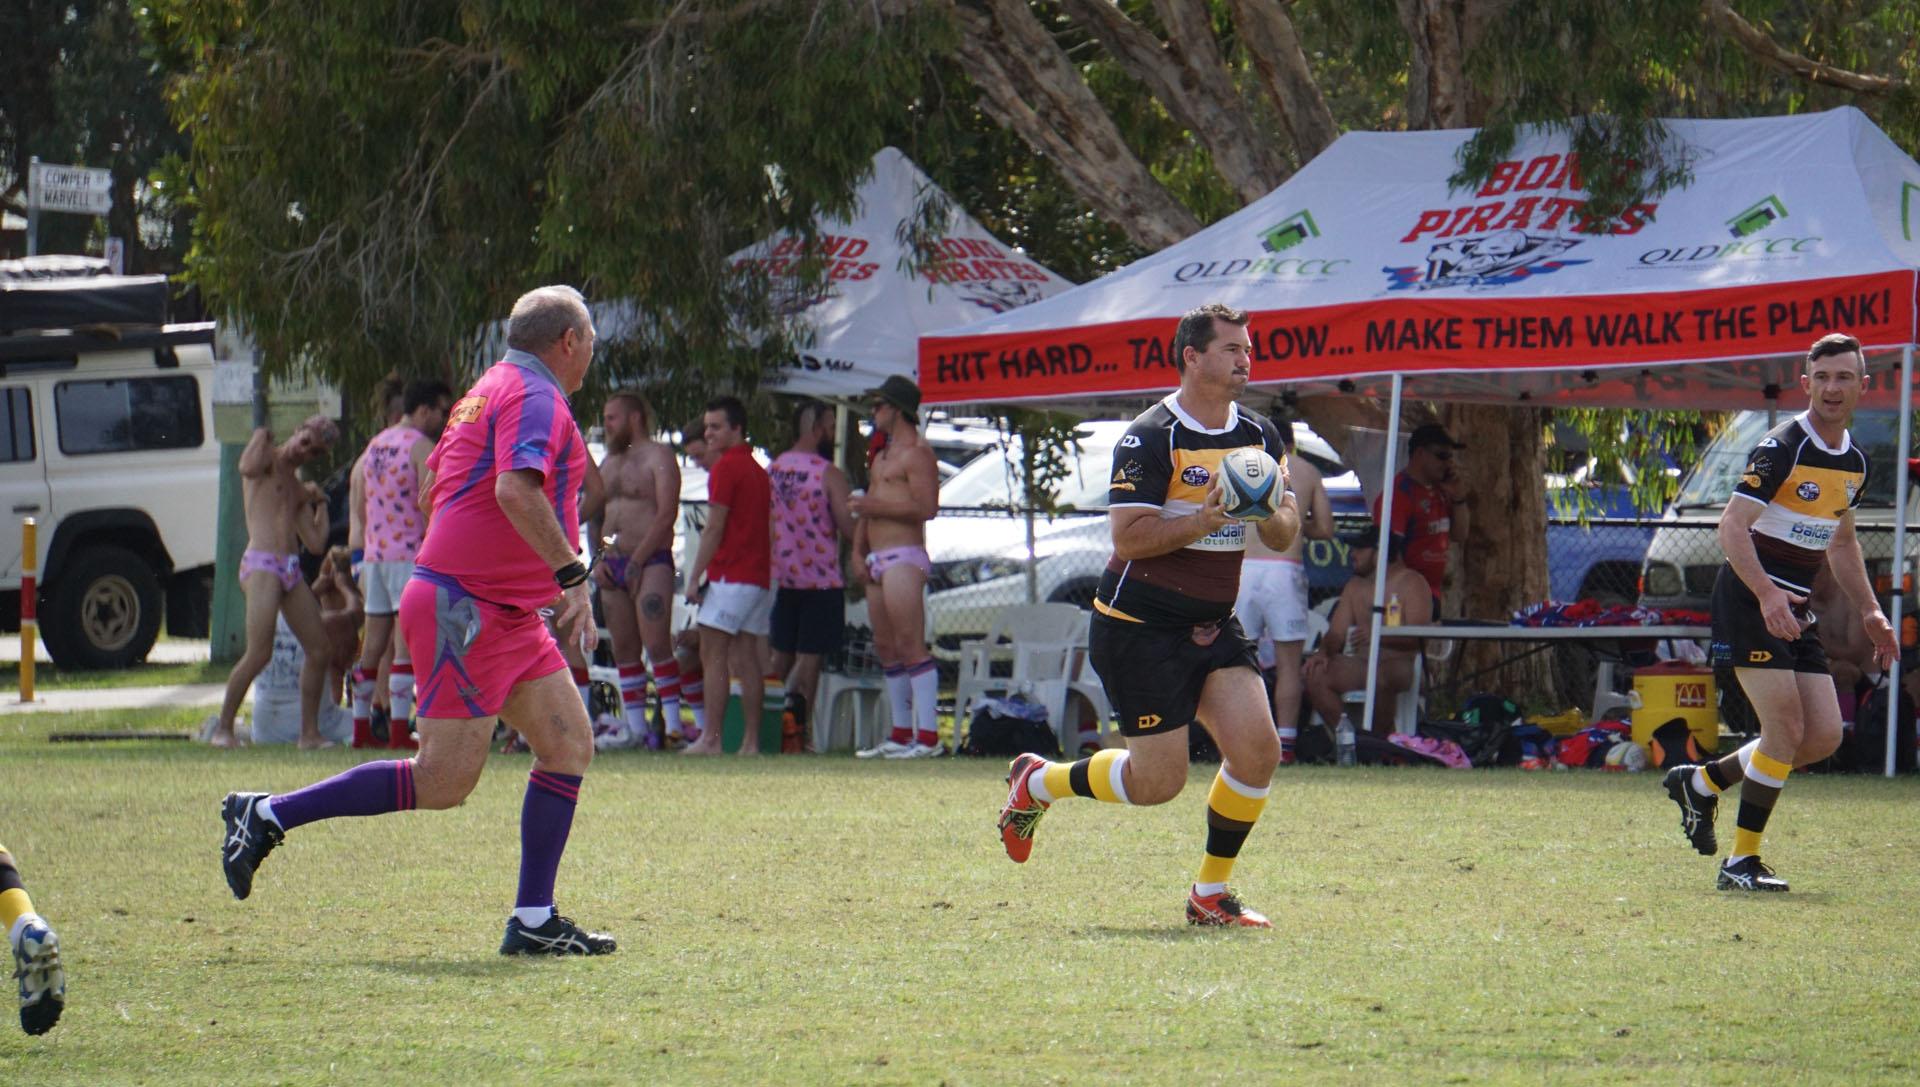 191019-20_Byron Bay Rugby 7s 2019_8